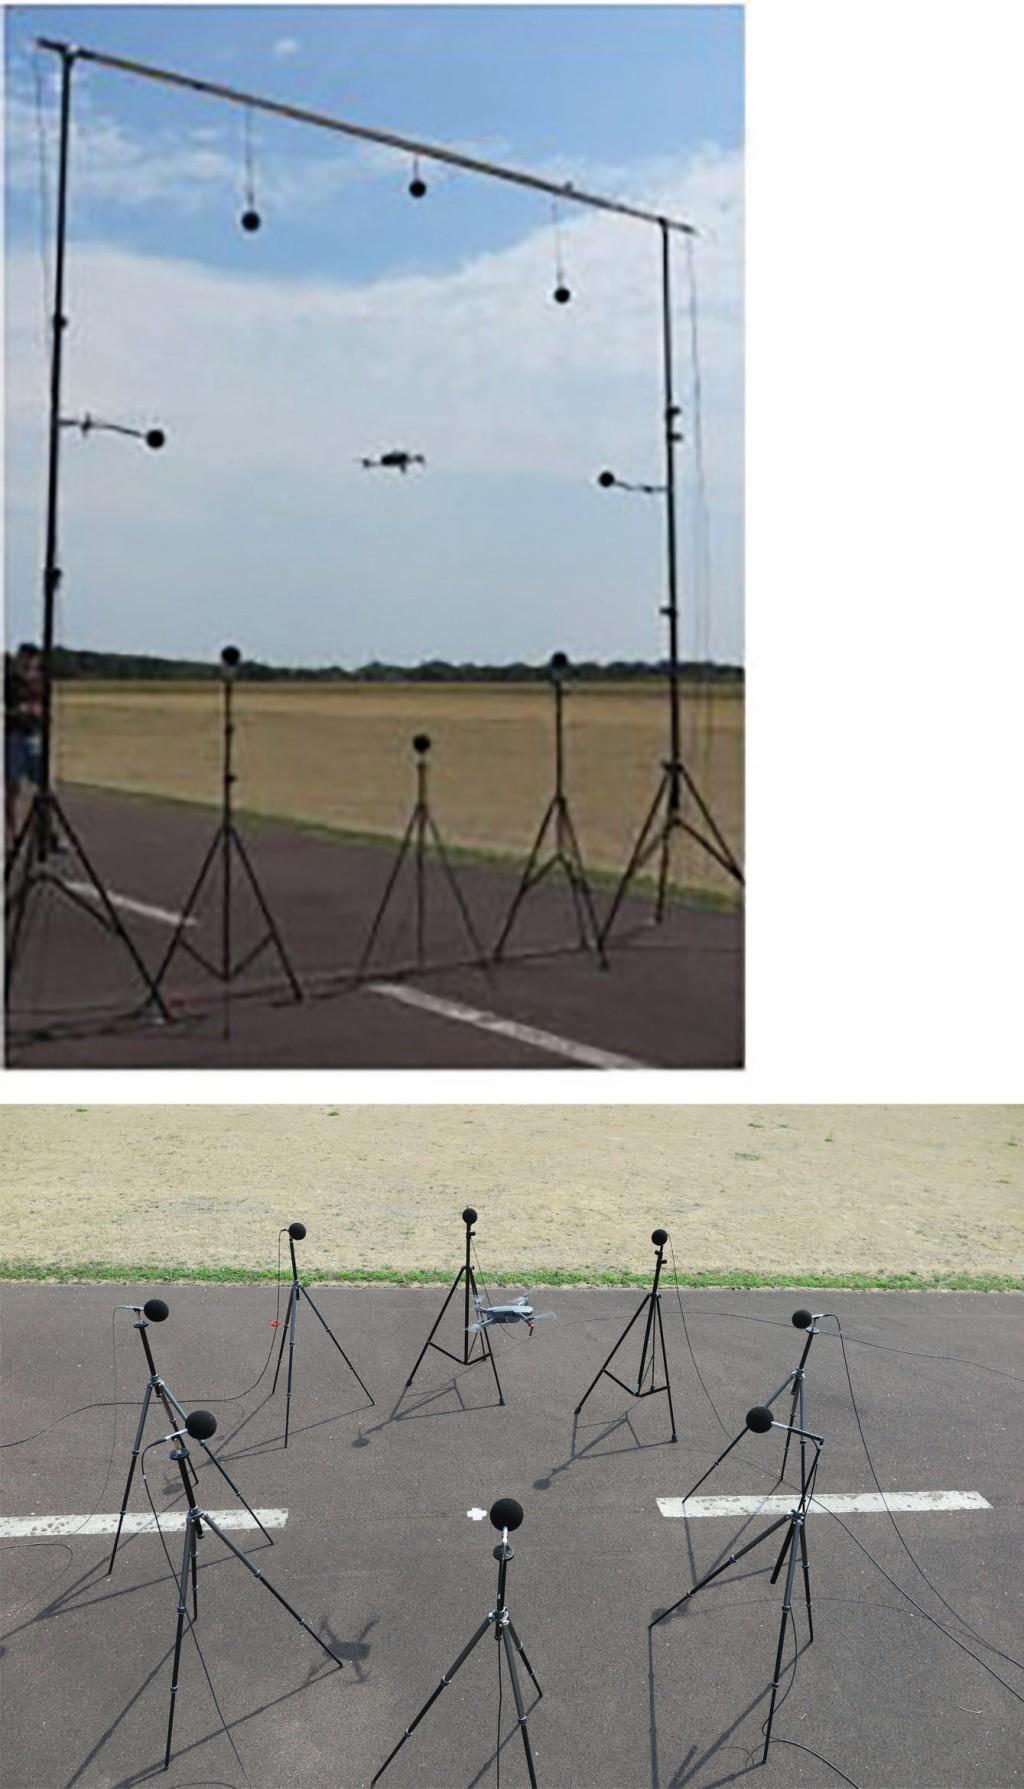 Bild 1 Messaufbau zur Bestimmung der vertikalen und horizontalen Richtcharakteristik.